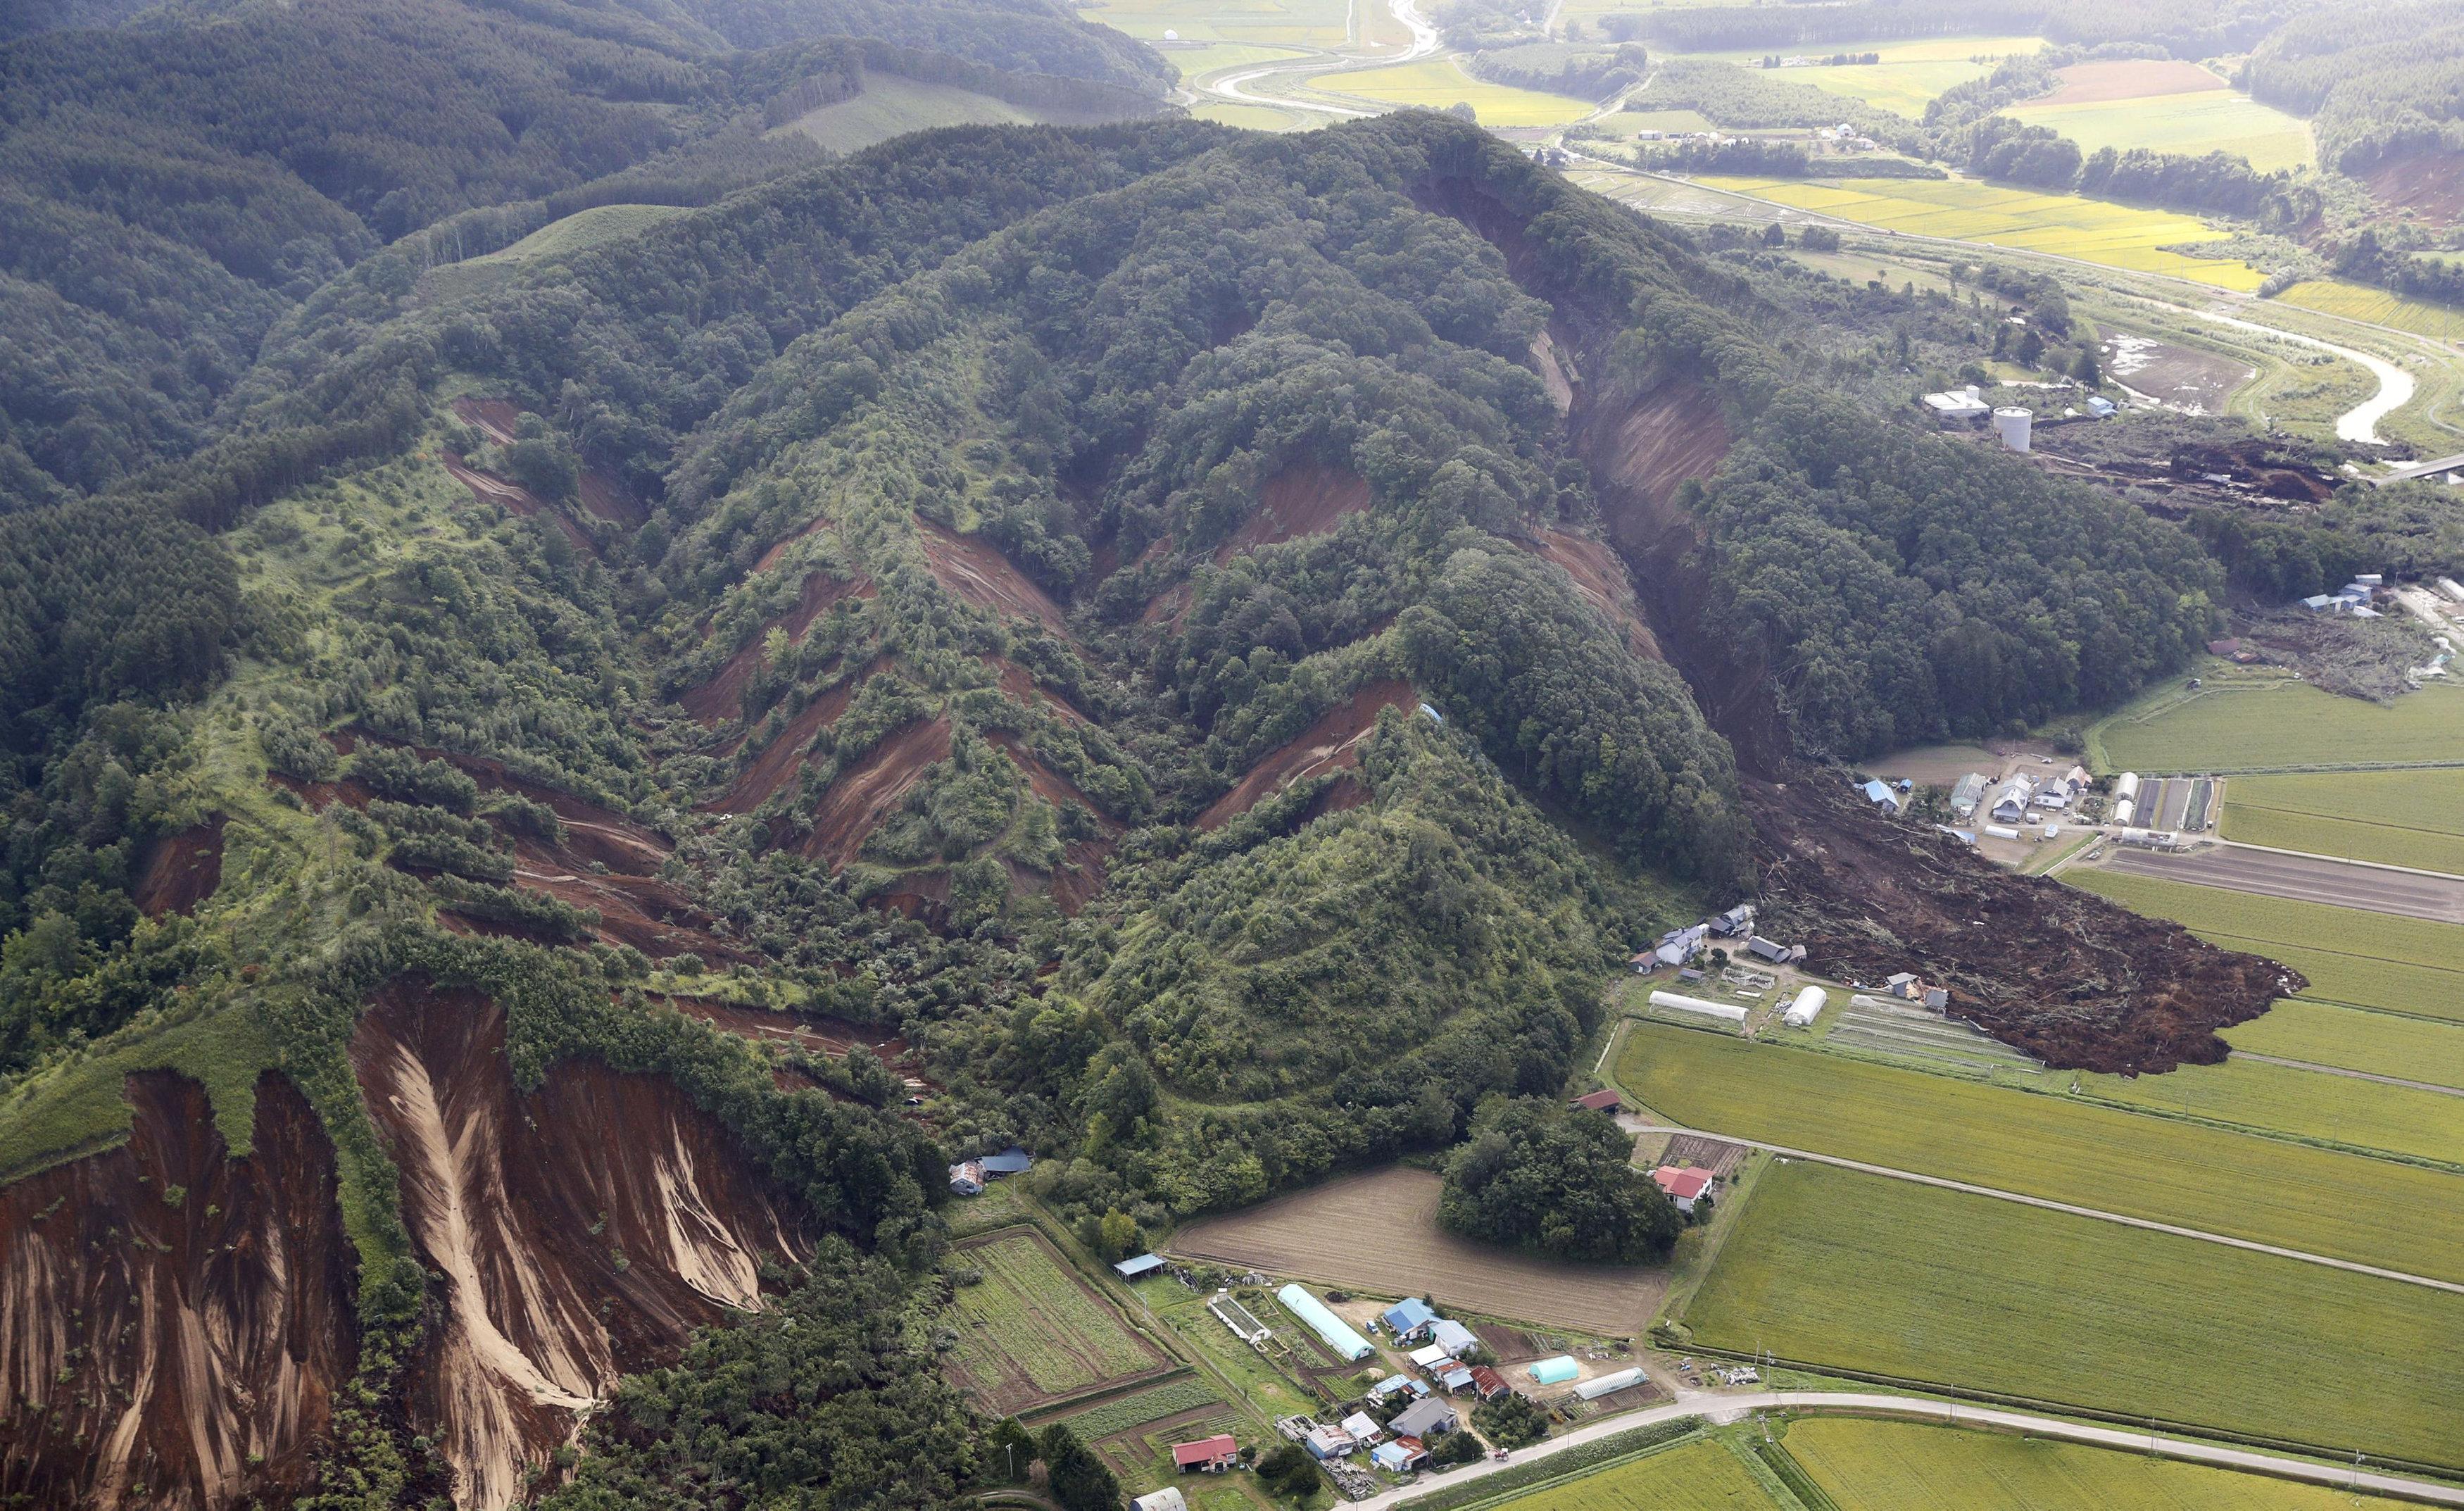 El deslave provocó que varias casa quedaran sepultadas o destruidas (Reuters)